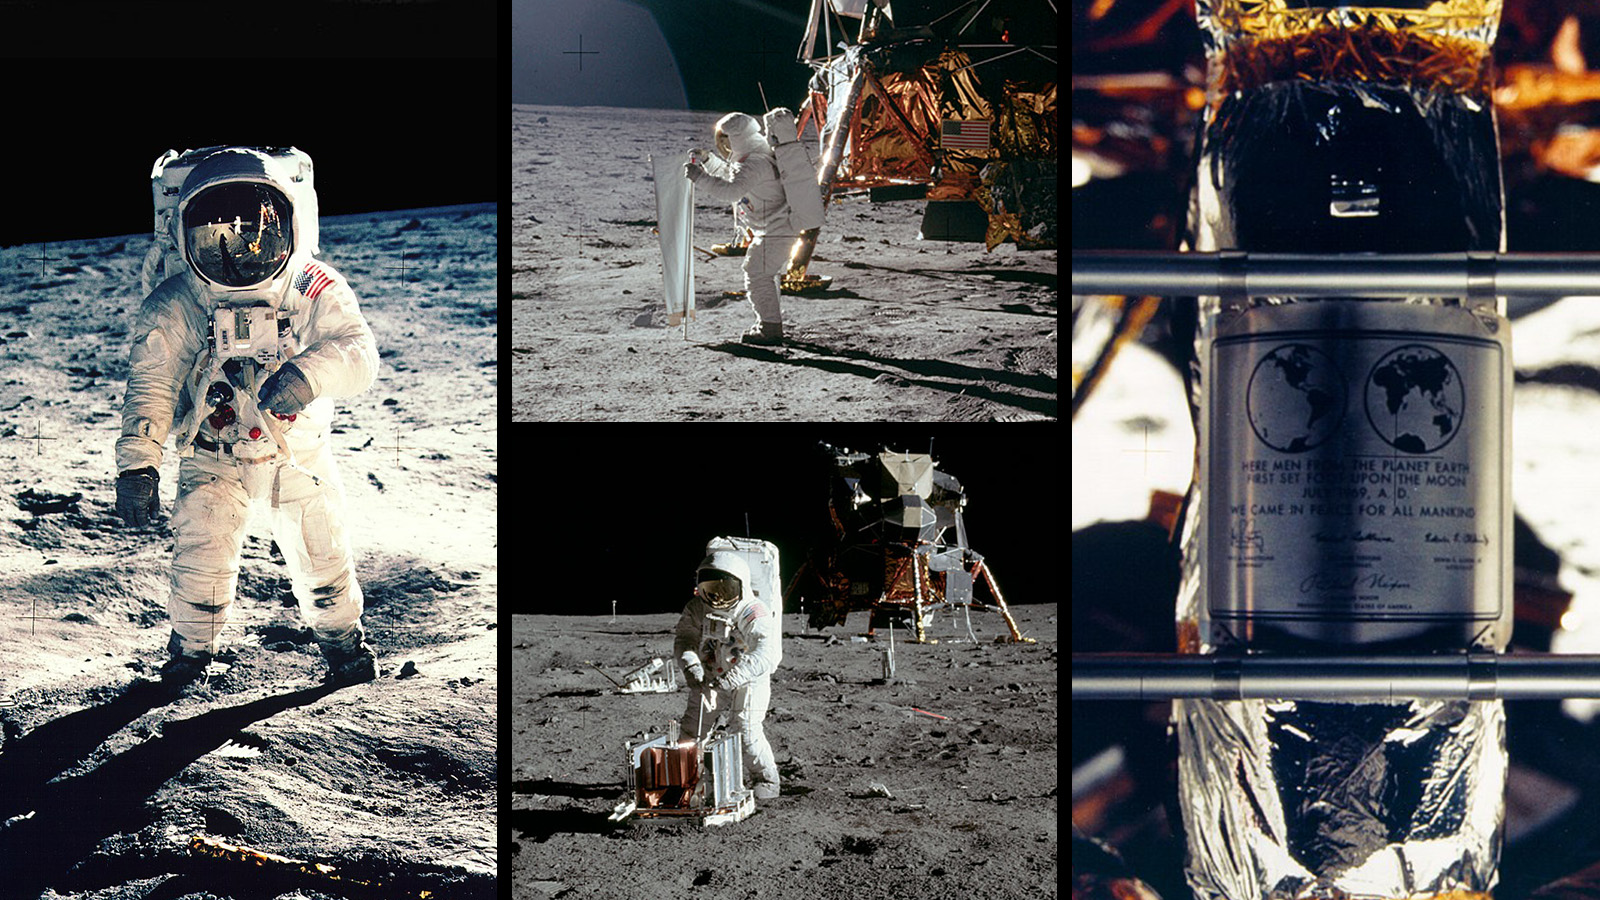 Apollo 11, Buzz Aldrin